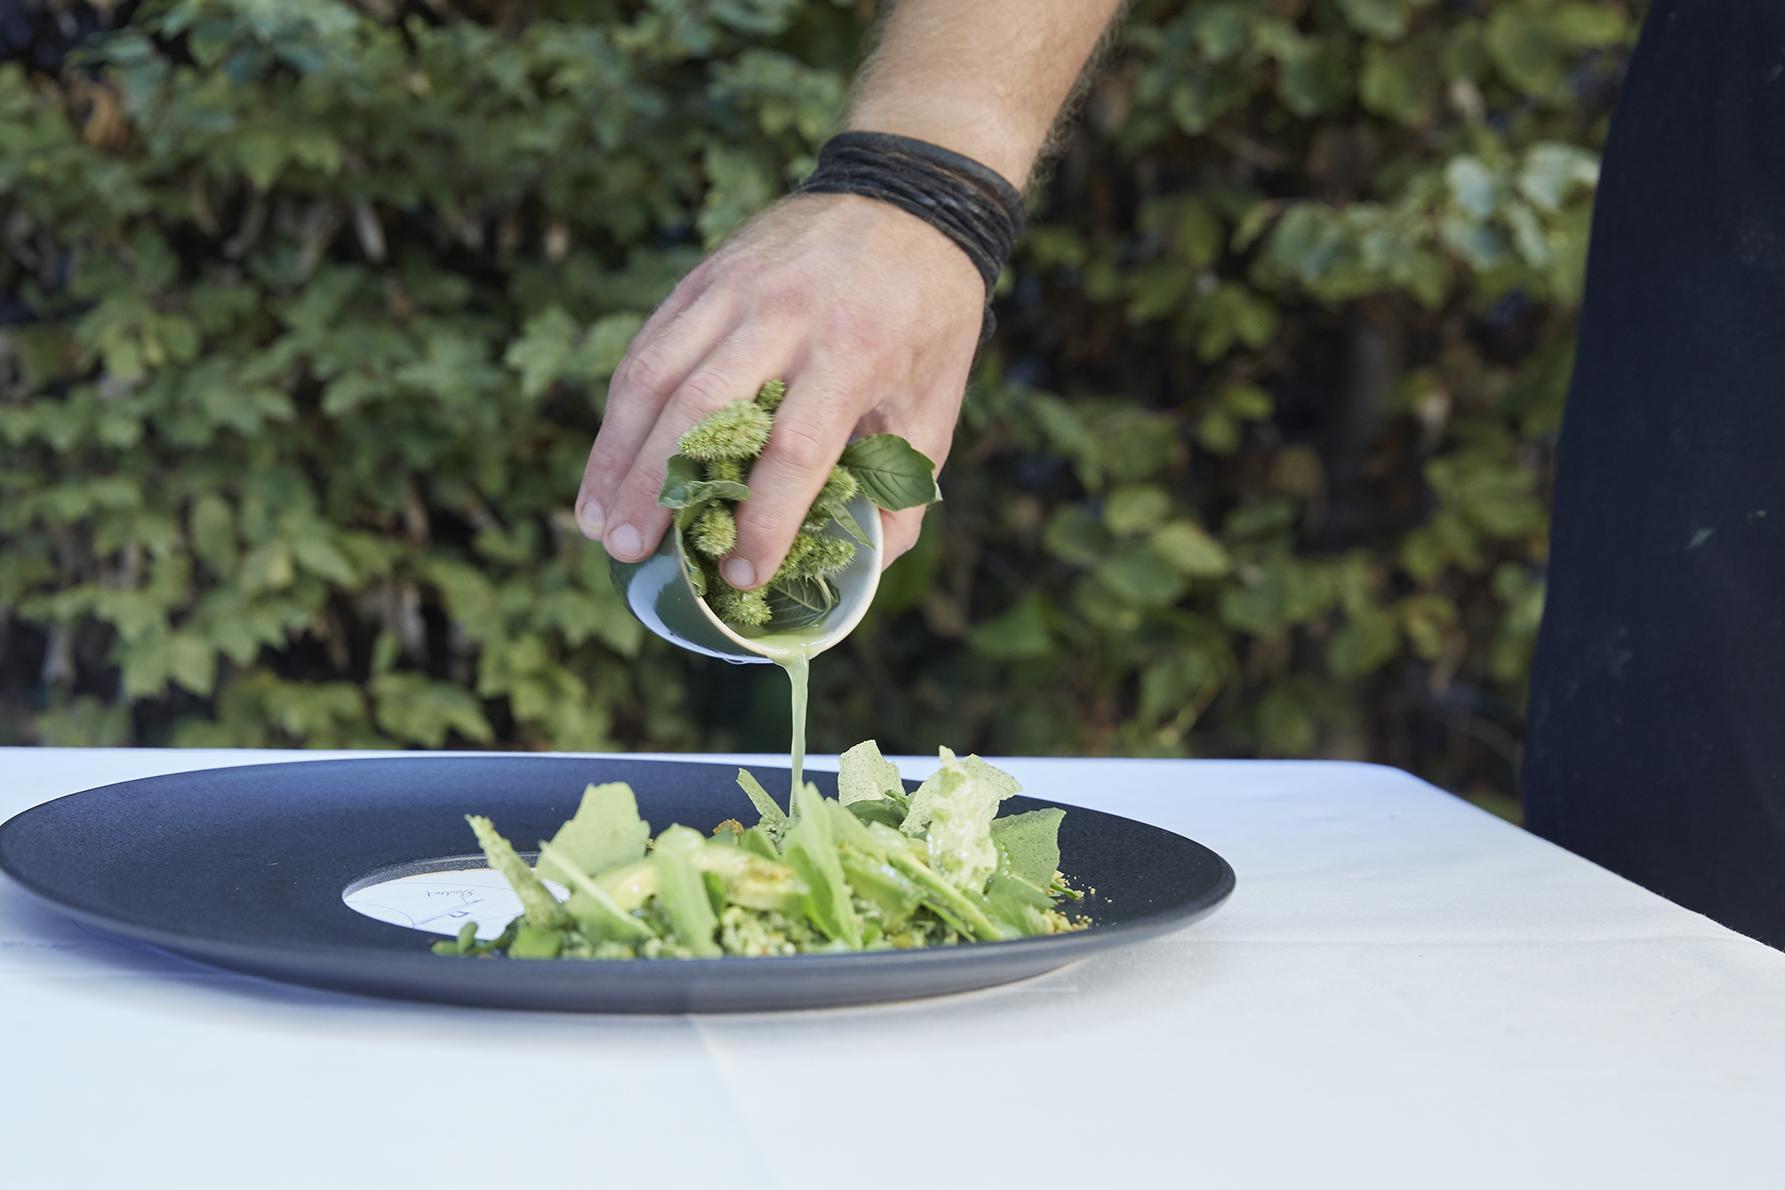 Die Sauce aus Limettensaft und Haselnussöl wird separat serviert und erst kurz vor dem Essen über dem Salat verteilt.